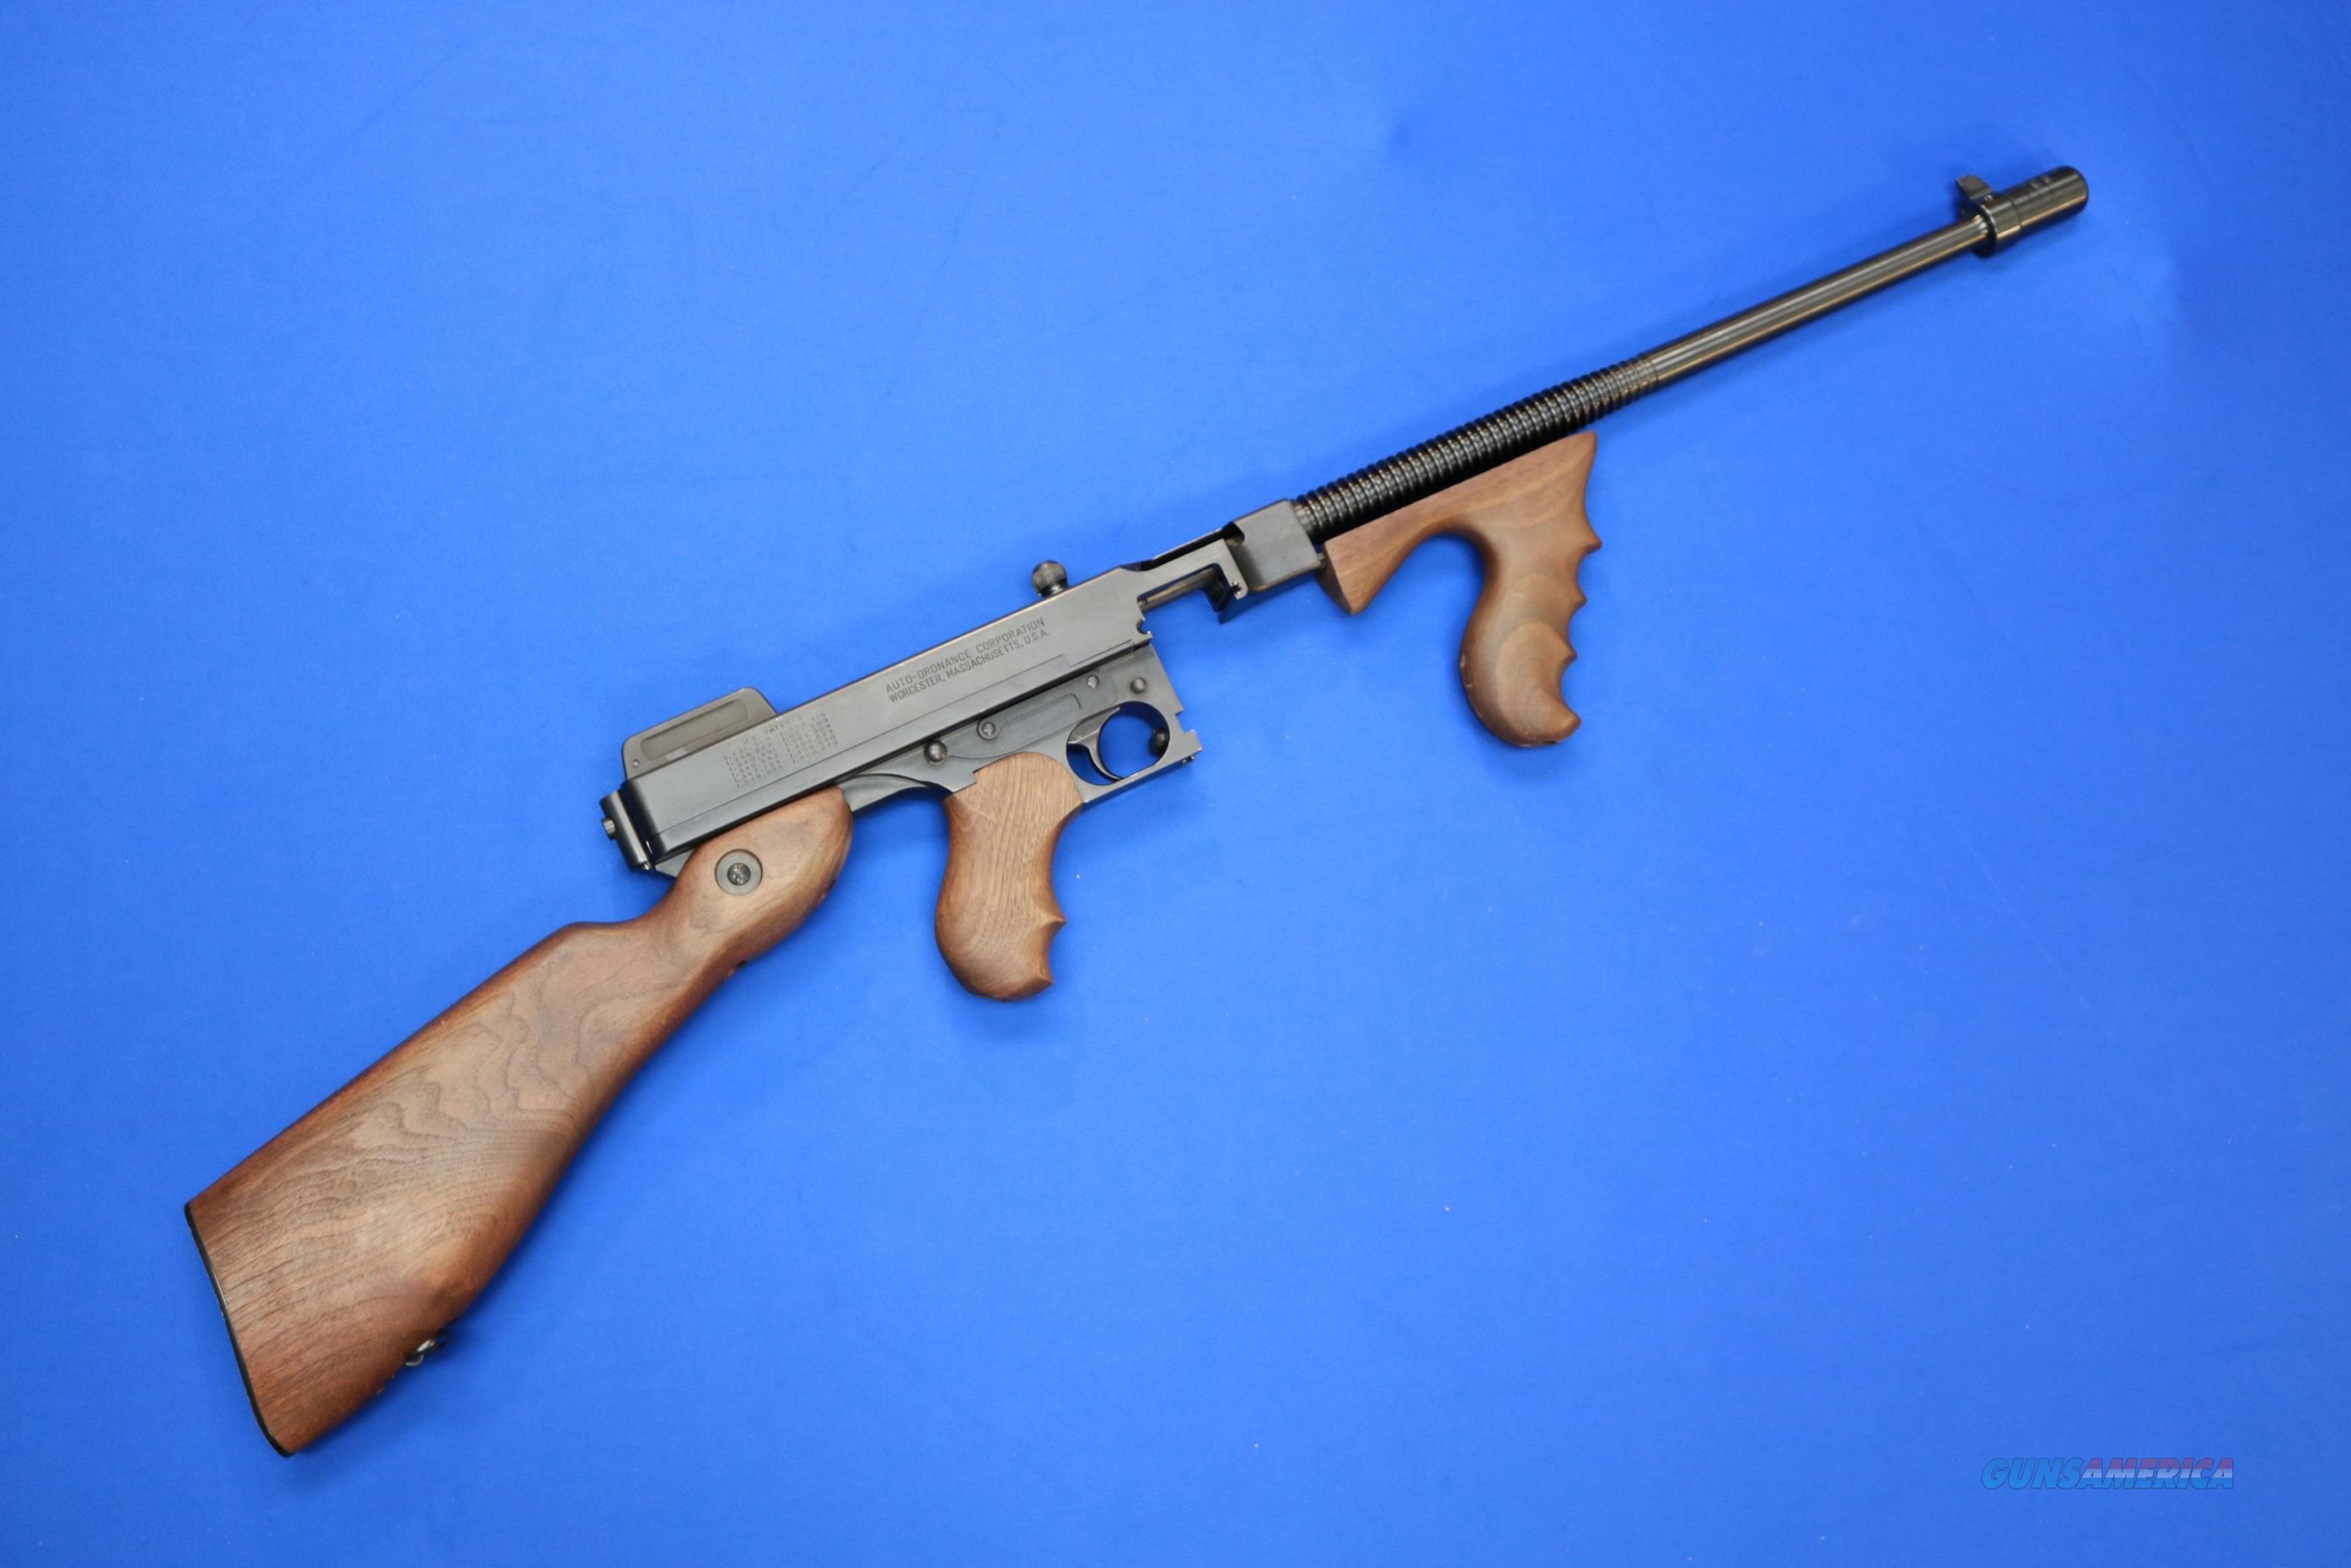 AUTO ORDNANCE THOMPSON 1927 A1 .45 ACP w/CASE  Guns > Rifles > Auto Ordnance Rifles